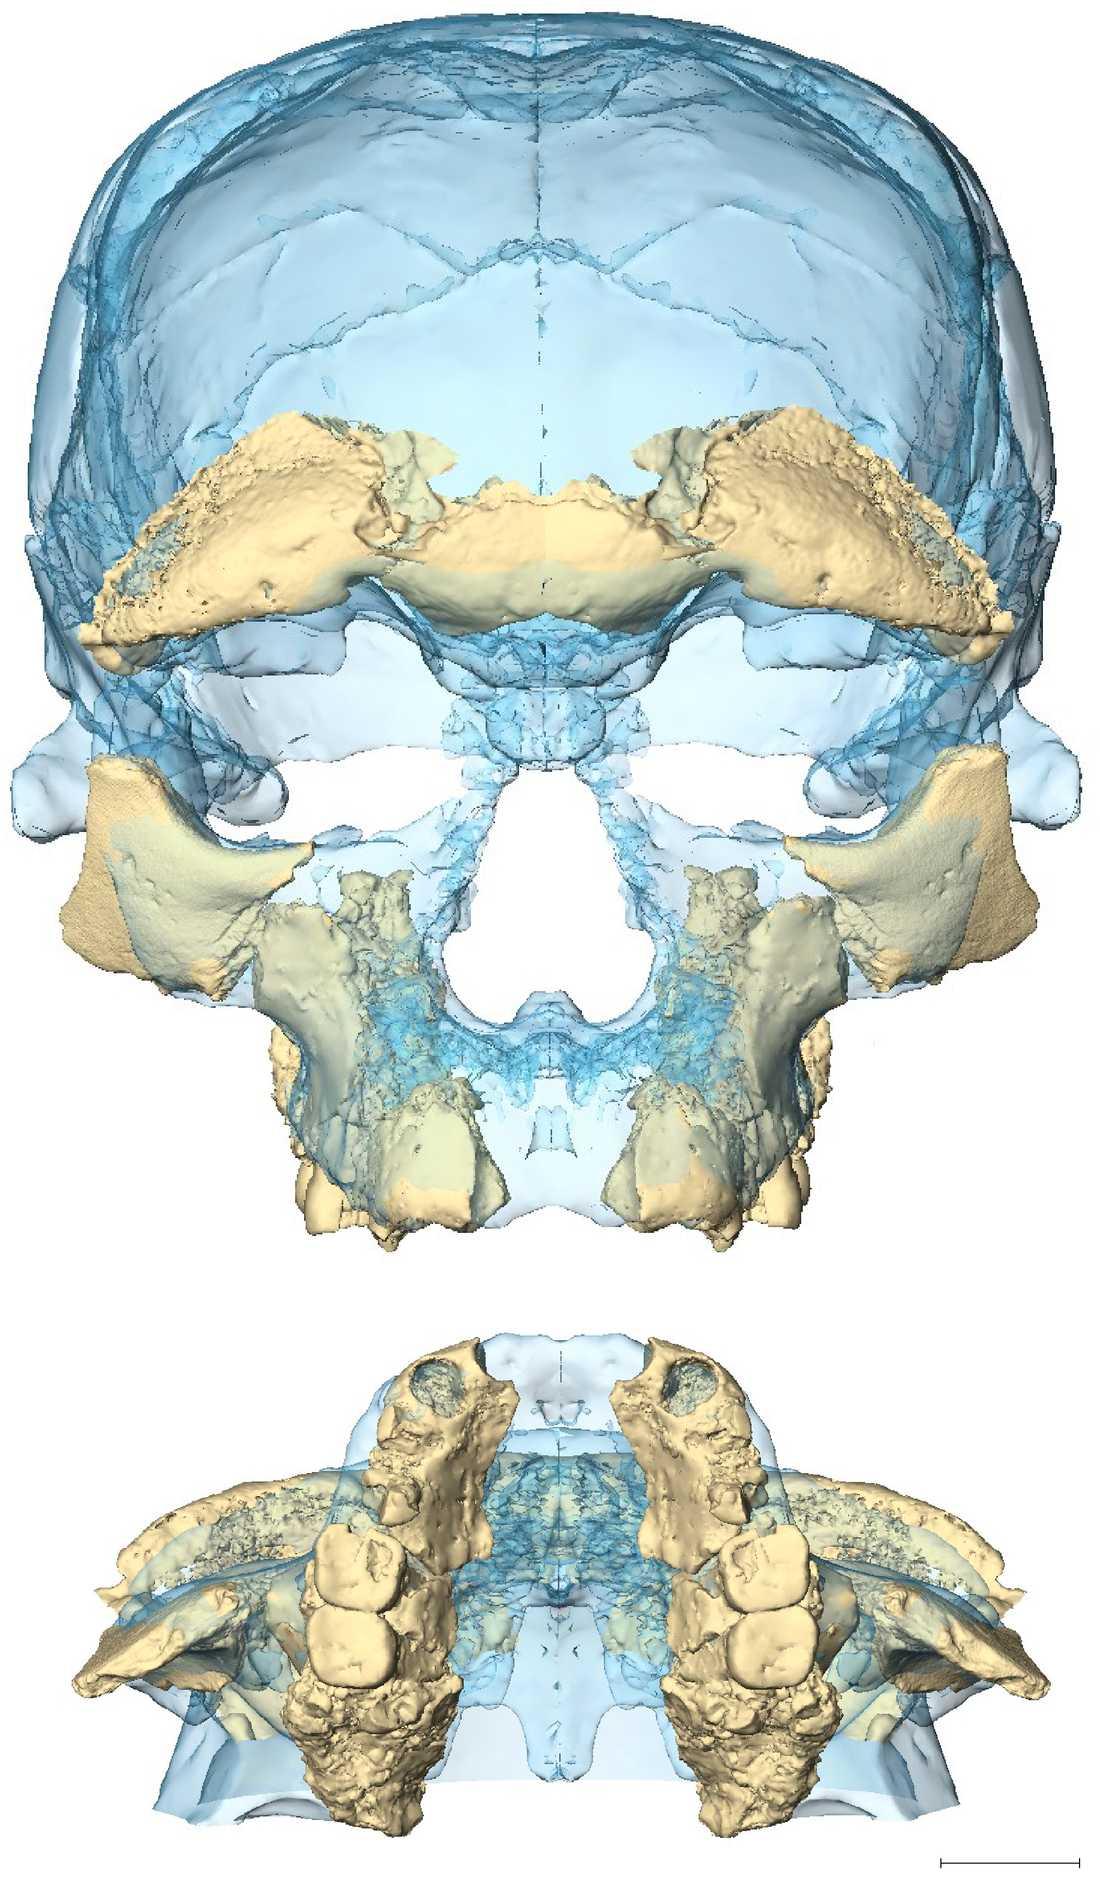 Ansiktsformen hos de tidiga Homo sapiens i Marocko visar att vår arts ansiktsskelett var relativt modernt utformat redan för drygt 300000 år sedan.